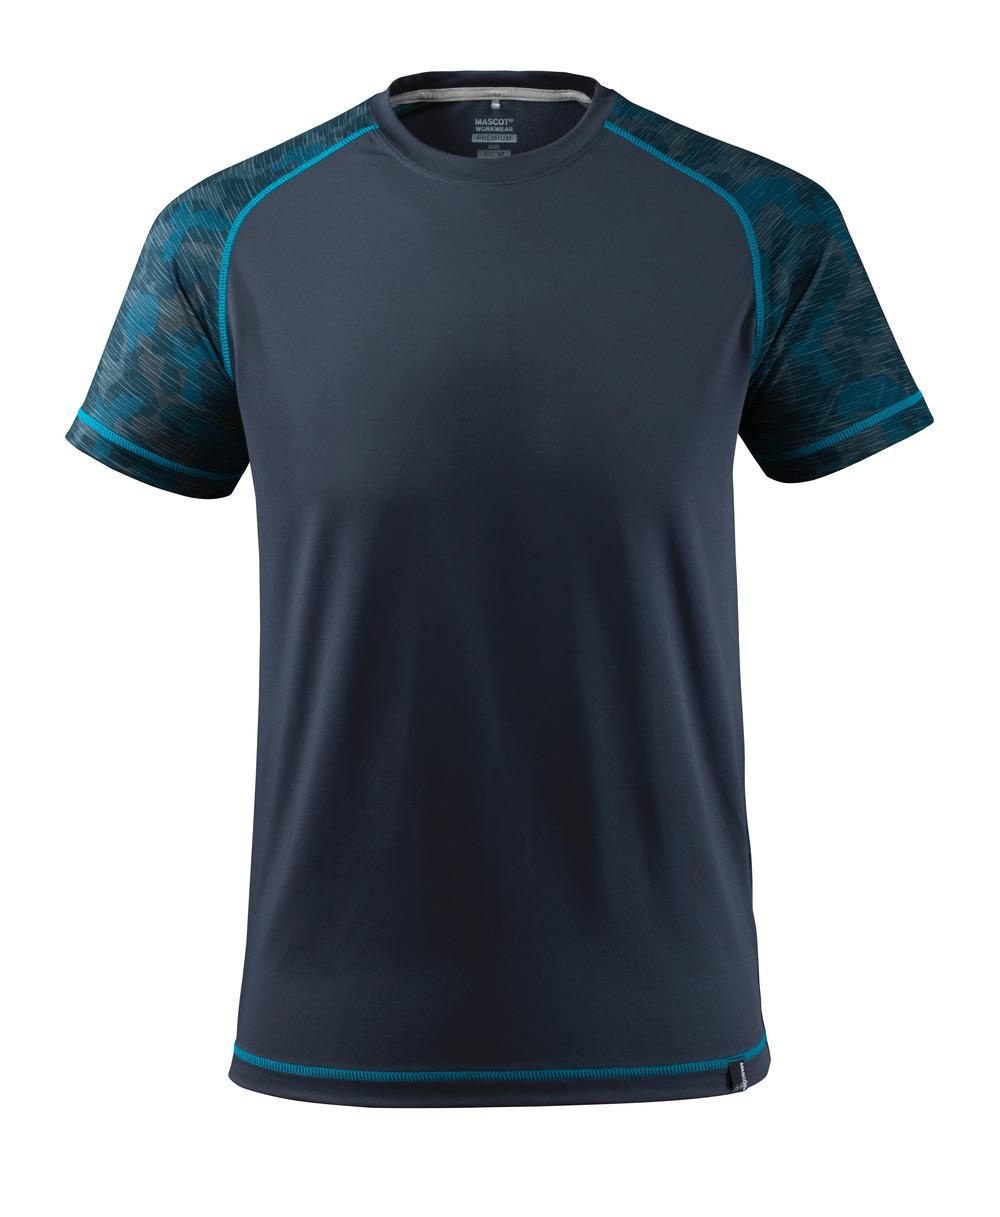 17482-944-010 T-shirt - donkermarine